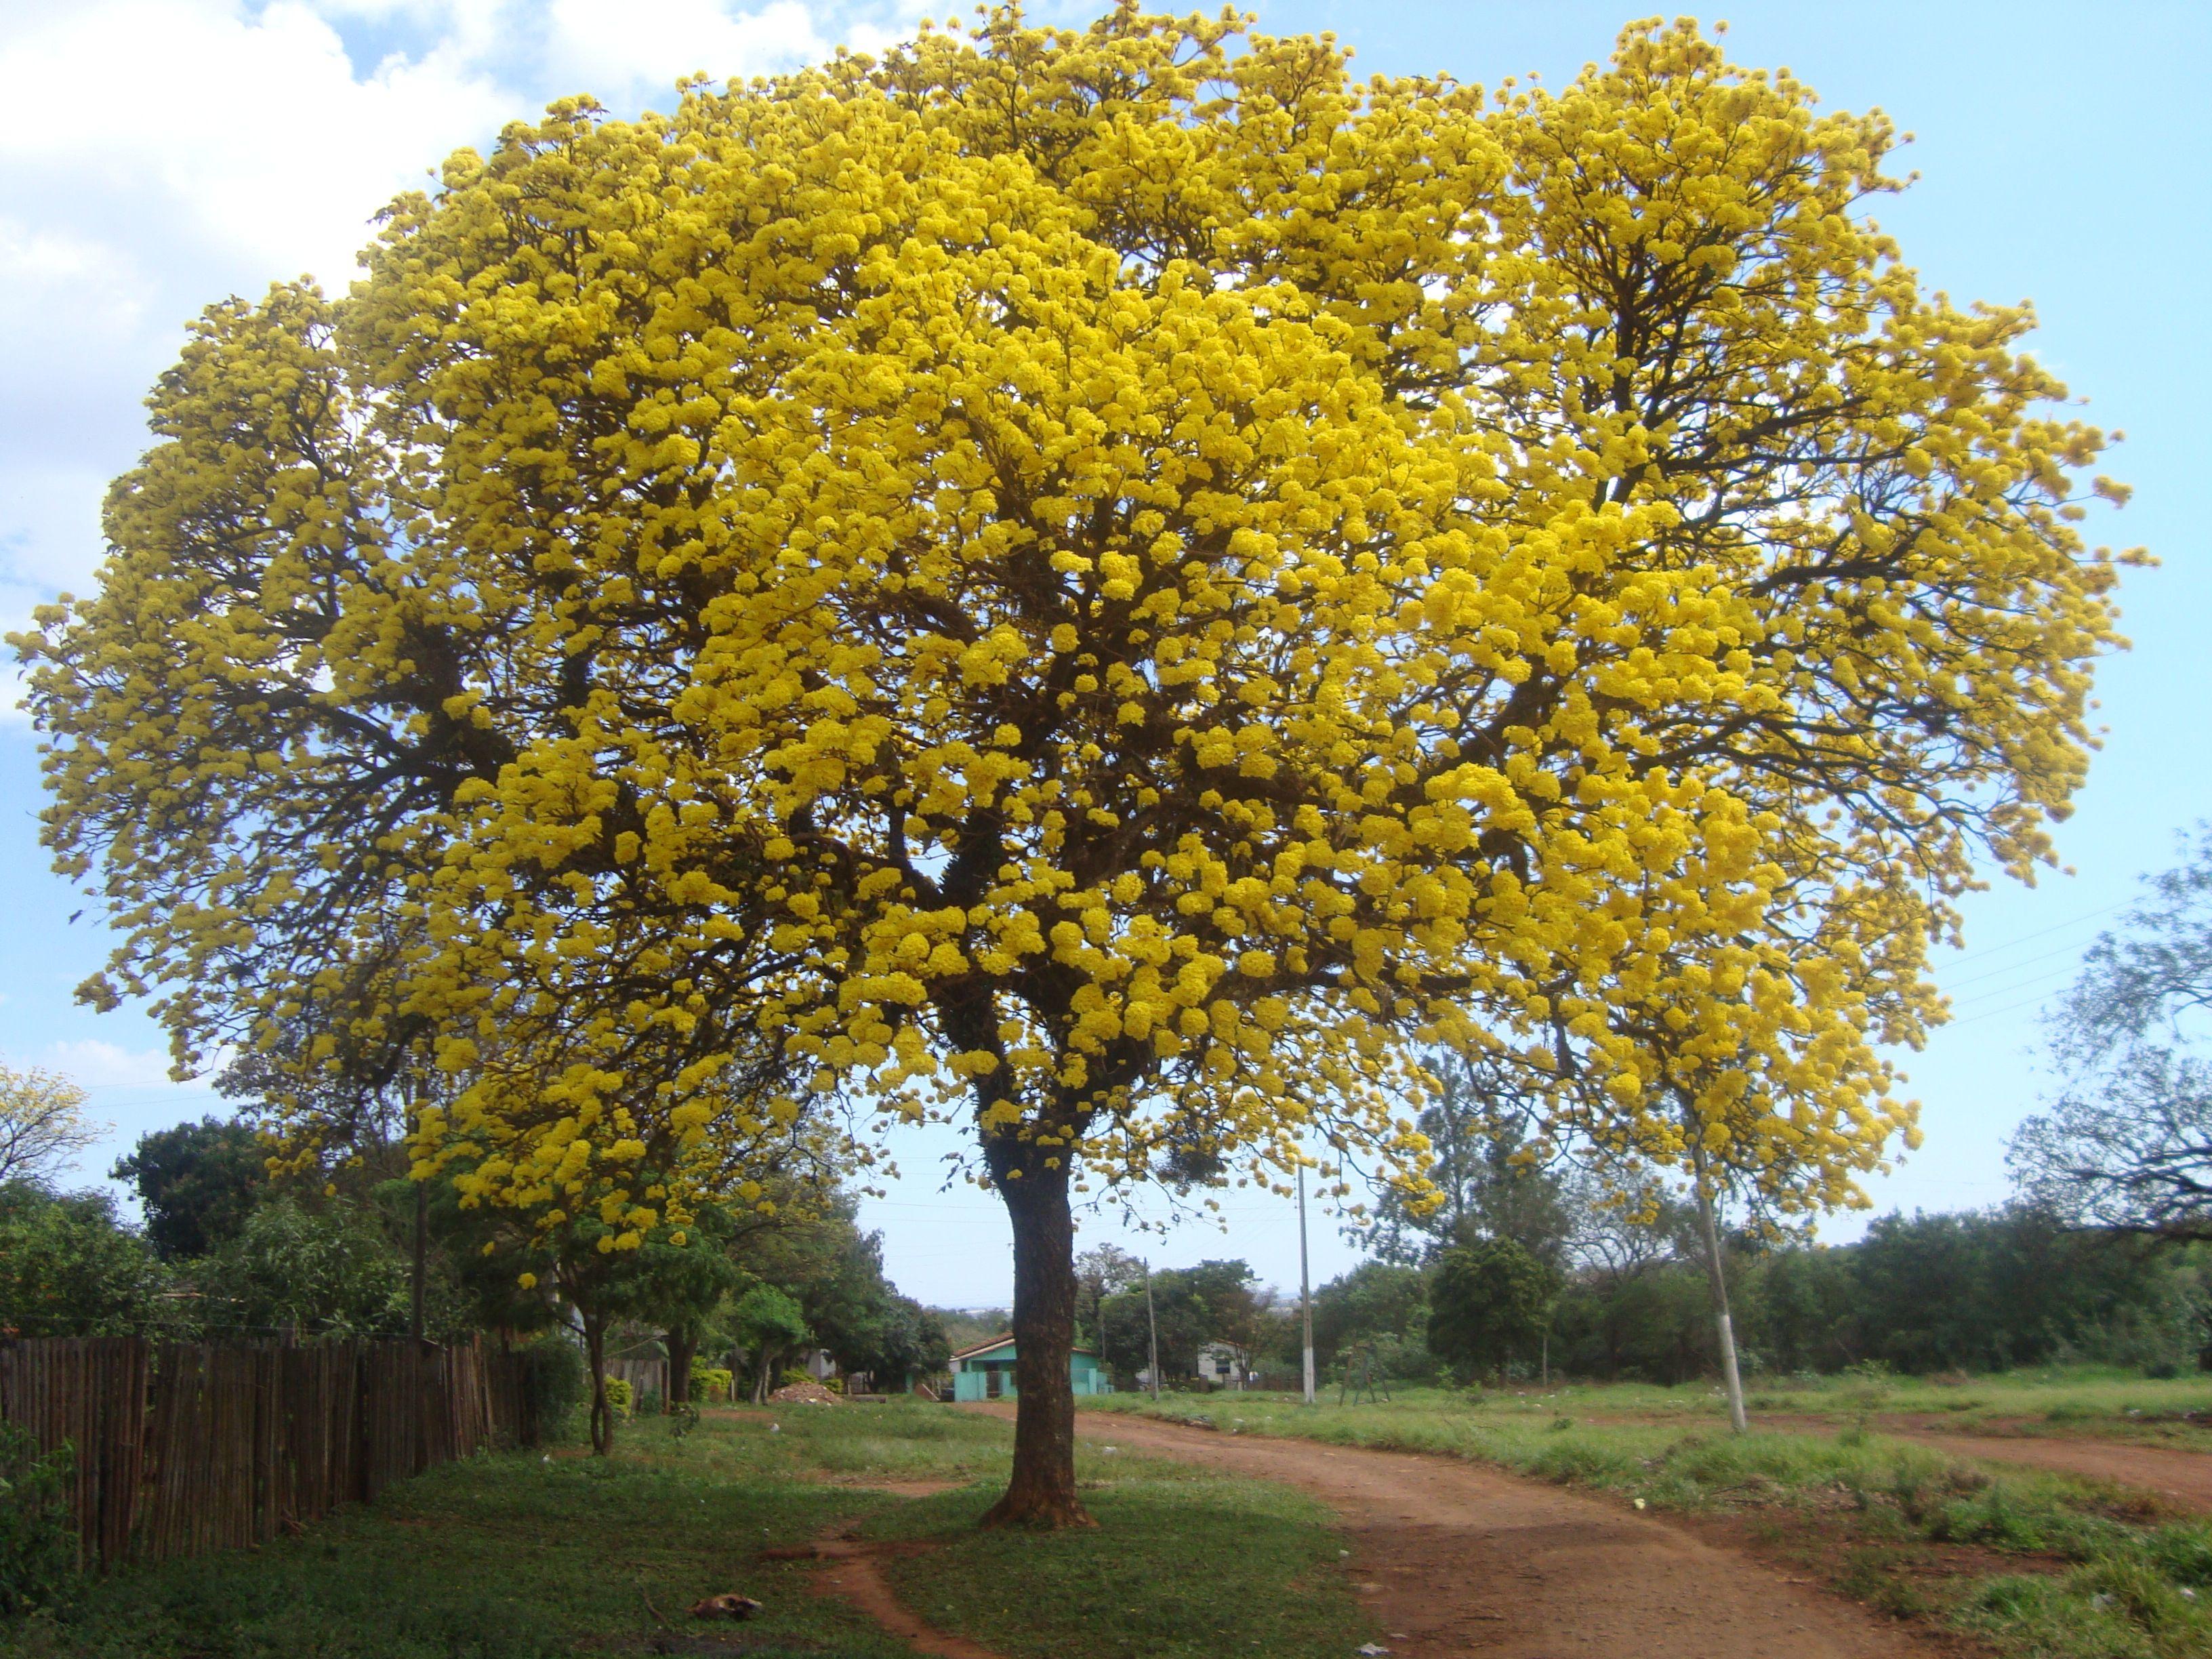 Lapacho amarillo buscar con google arboles y arbustos - Arboles y arbustos ...